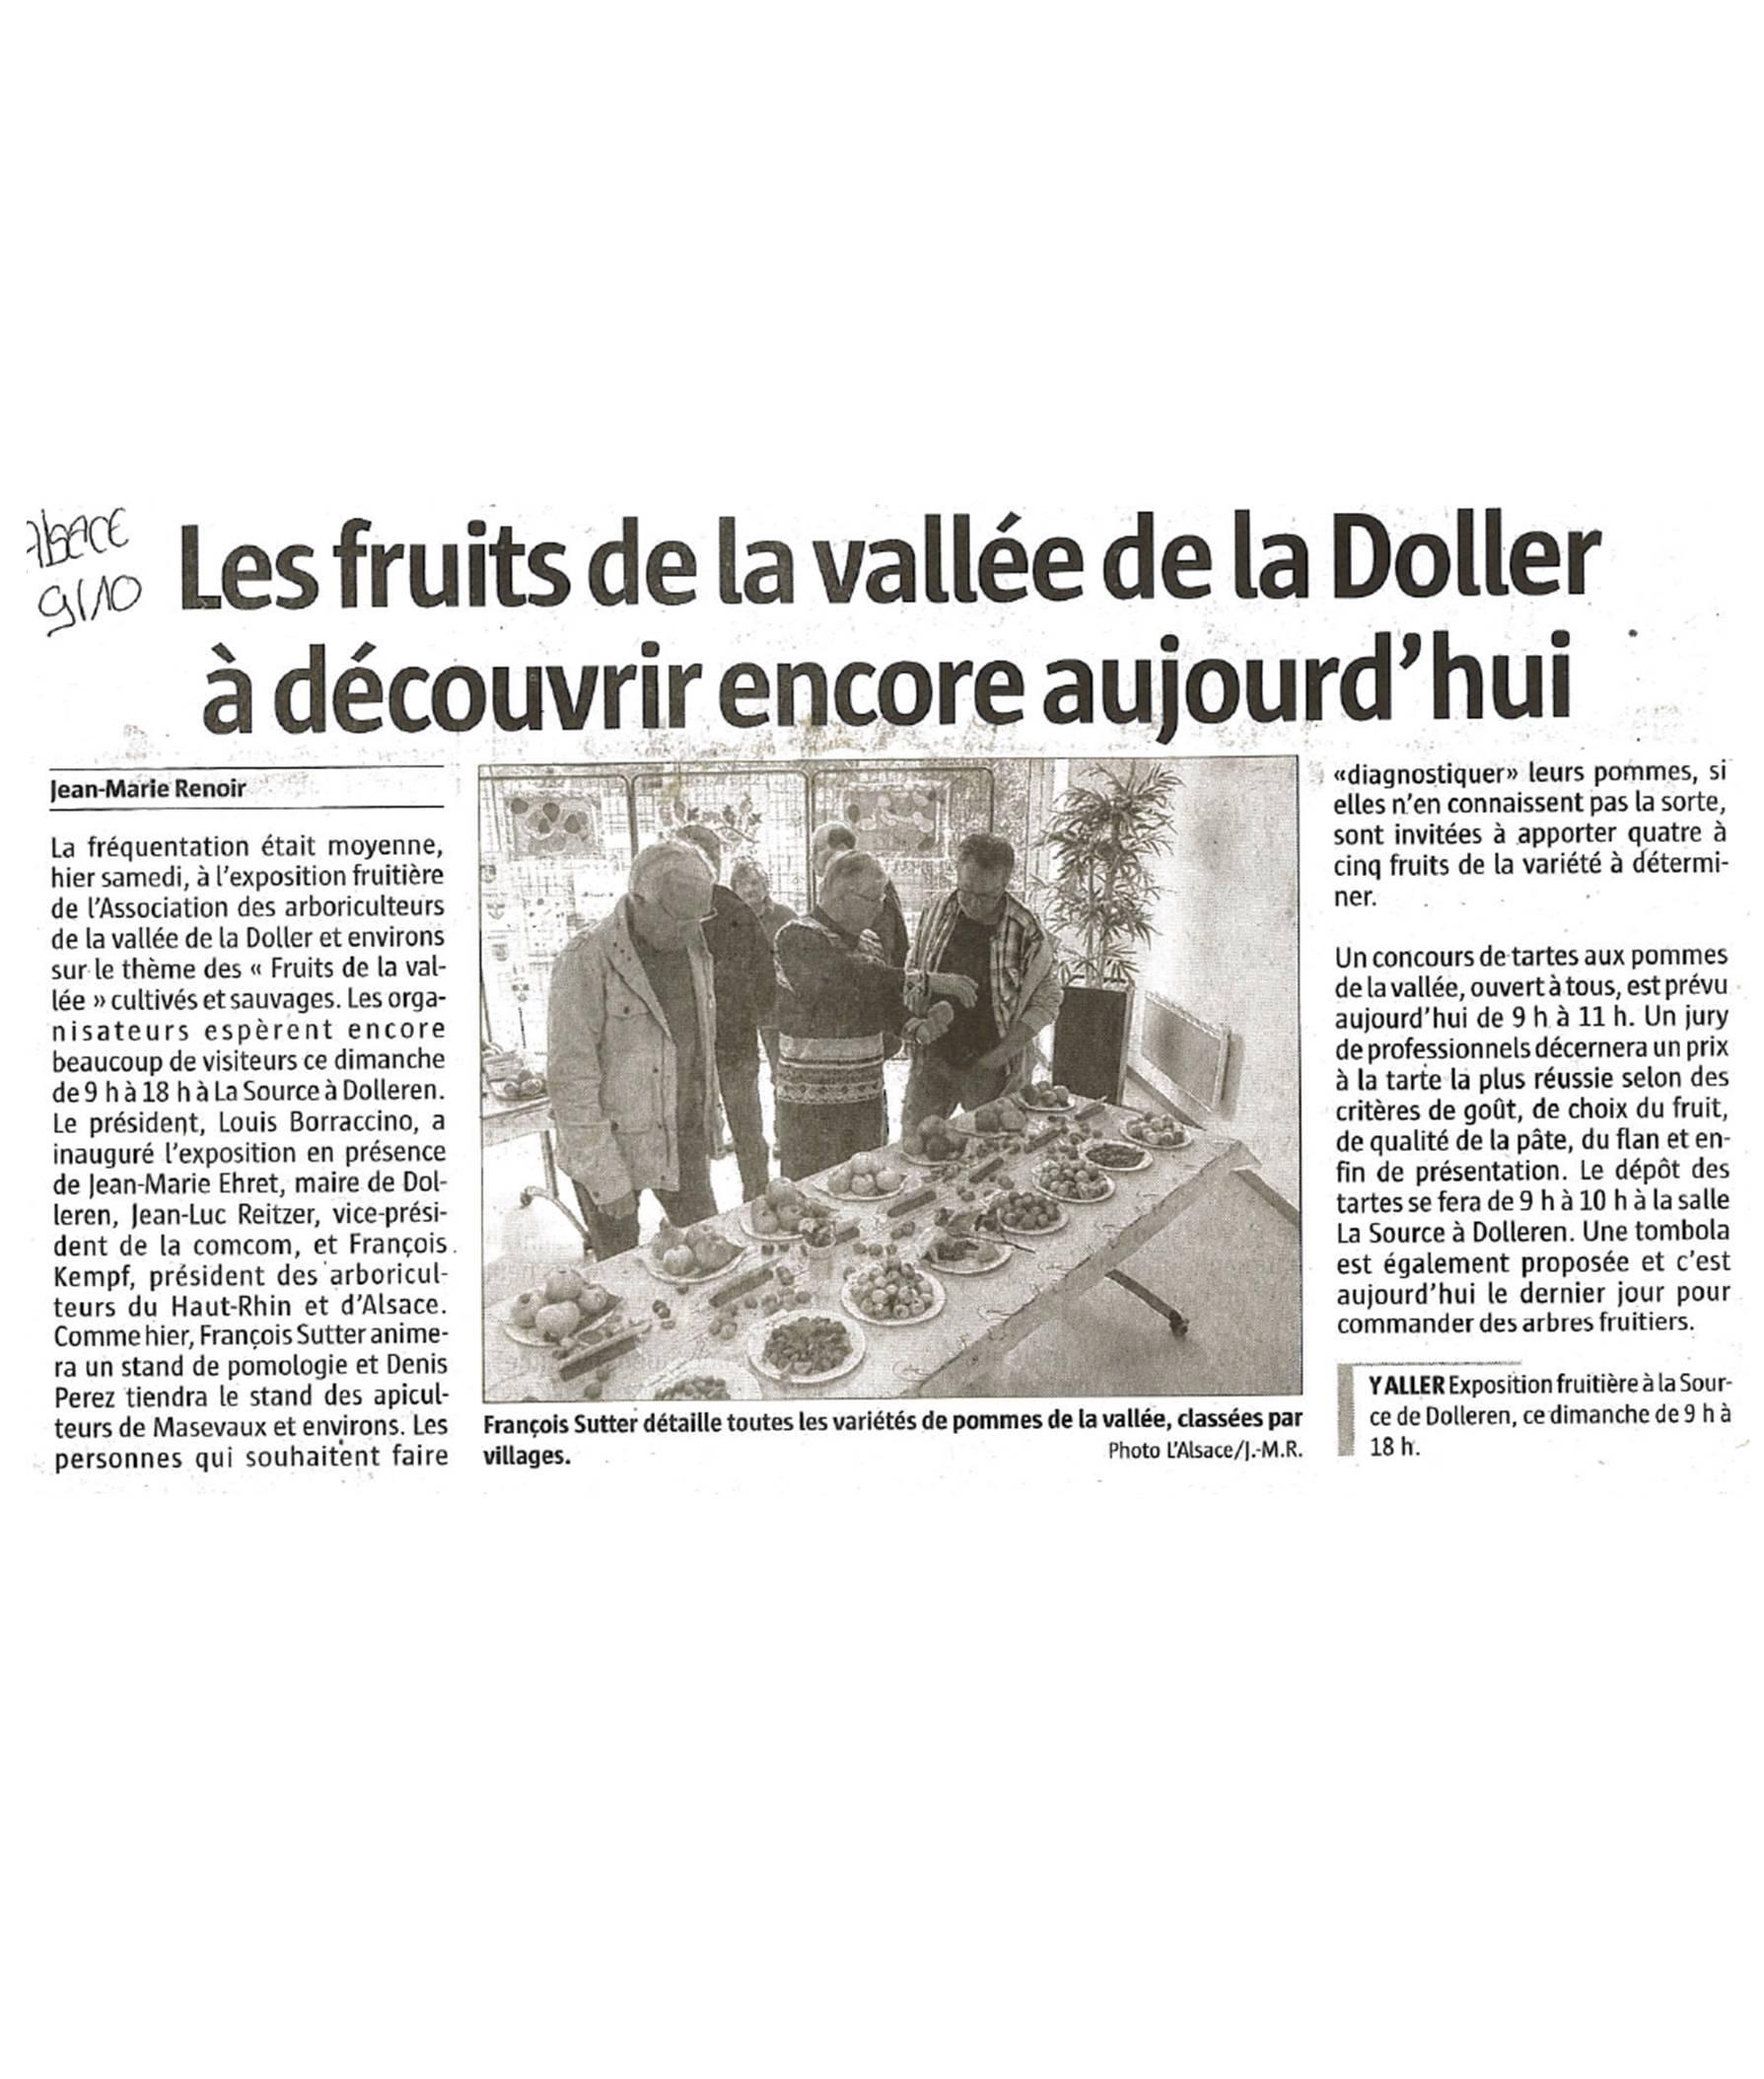 Les fruits de la vallée de la Doller à découvrir encore aujourd'hui - L'Alsace - 09-10-2016